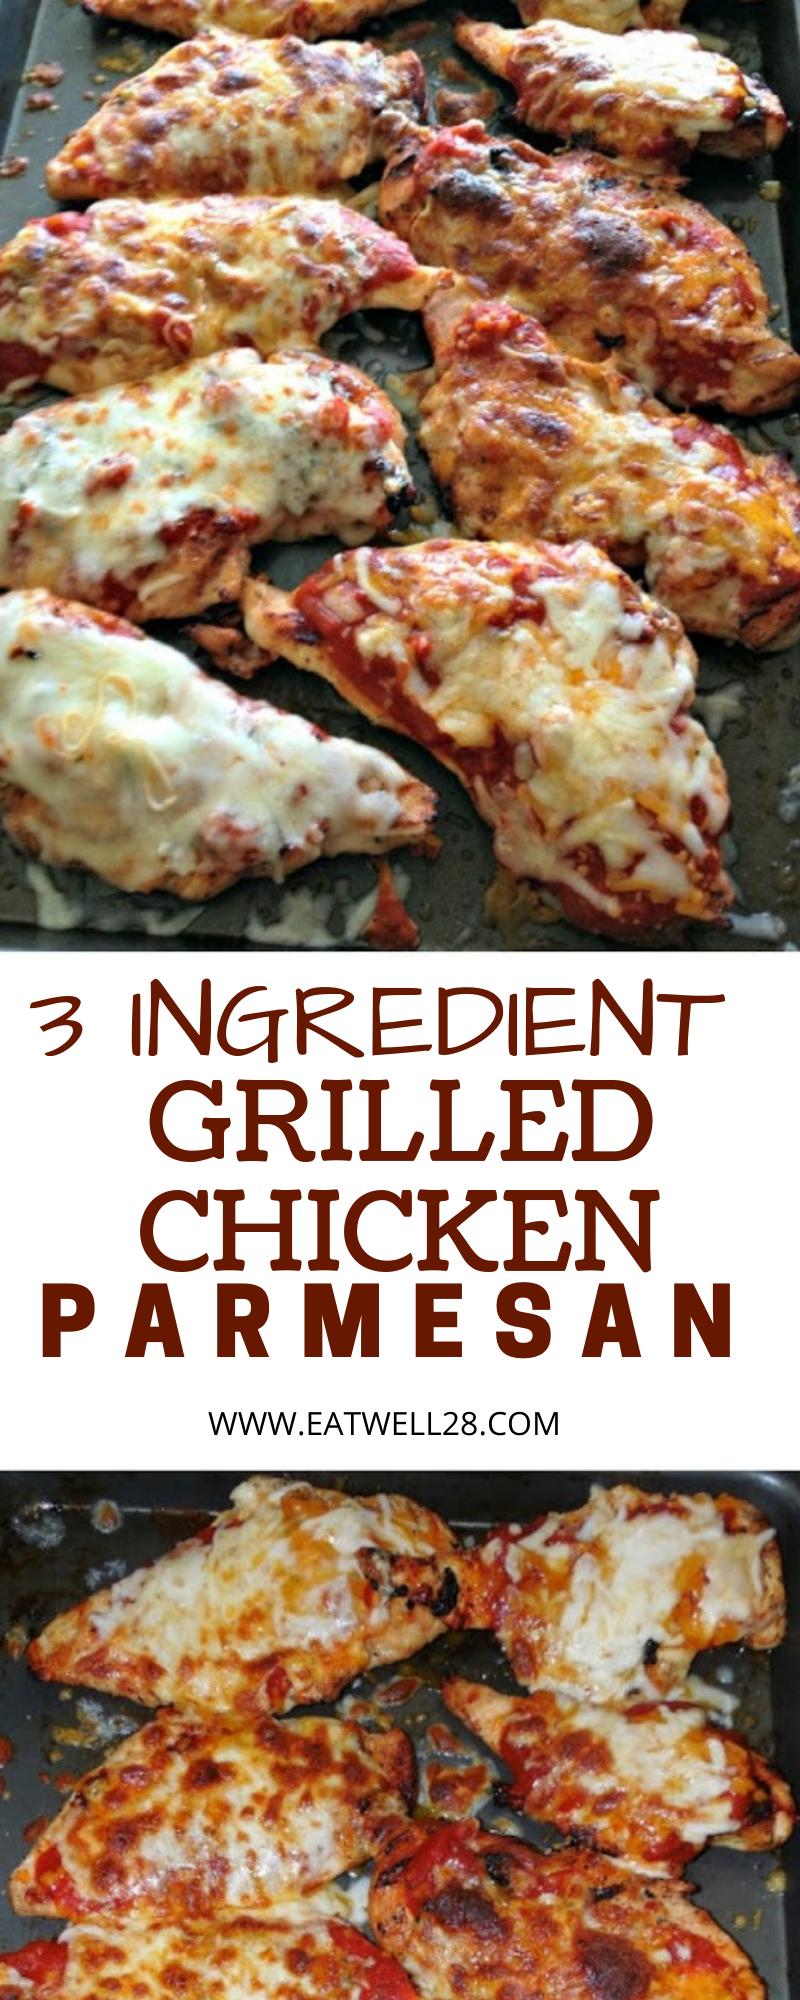 3 Ingredient Grilled Chicken Parmesan - eatwell28 #grilledchickenparmesan